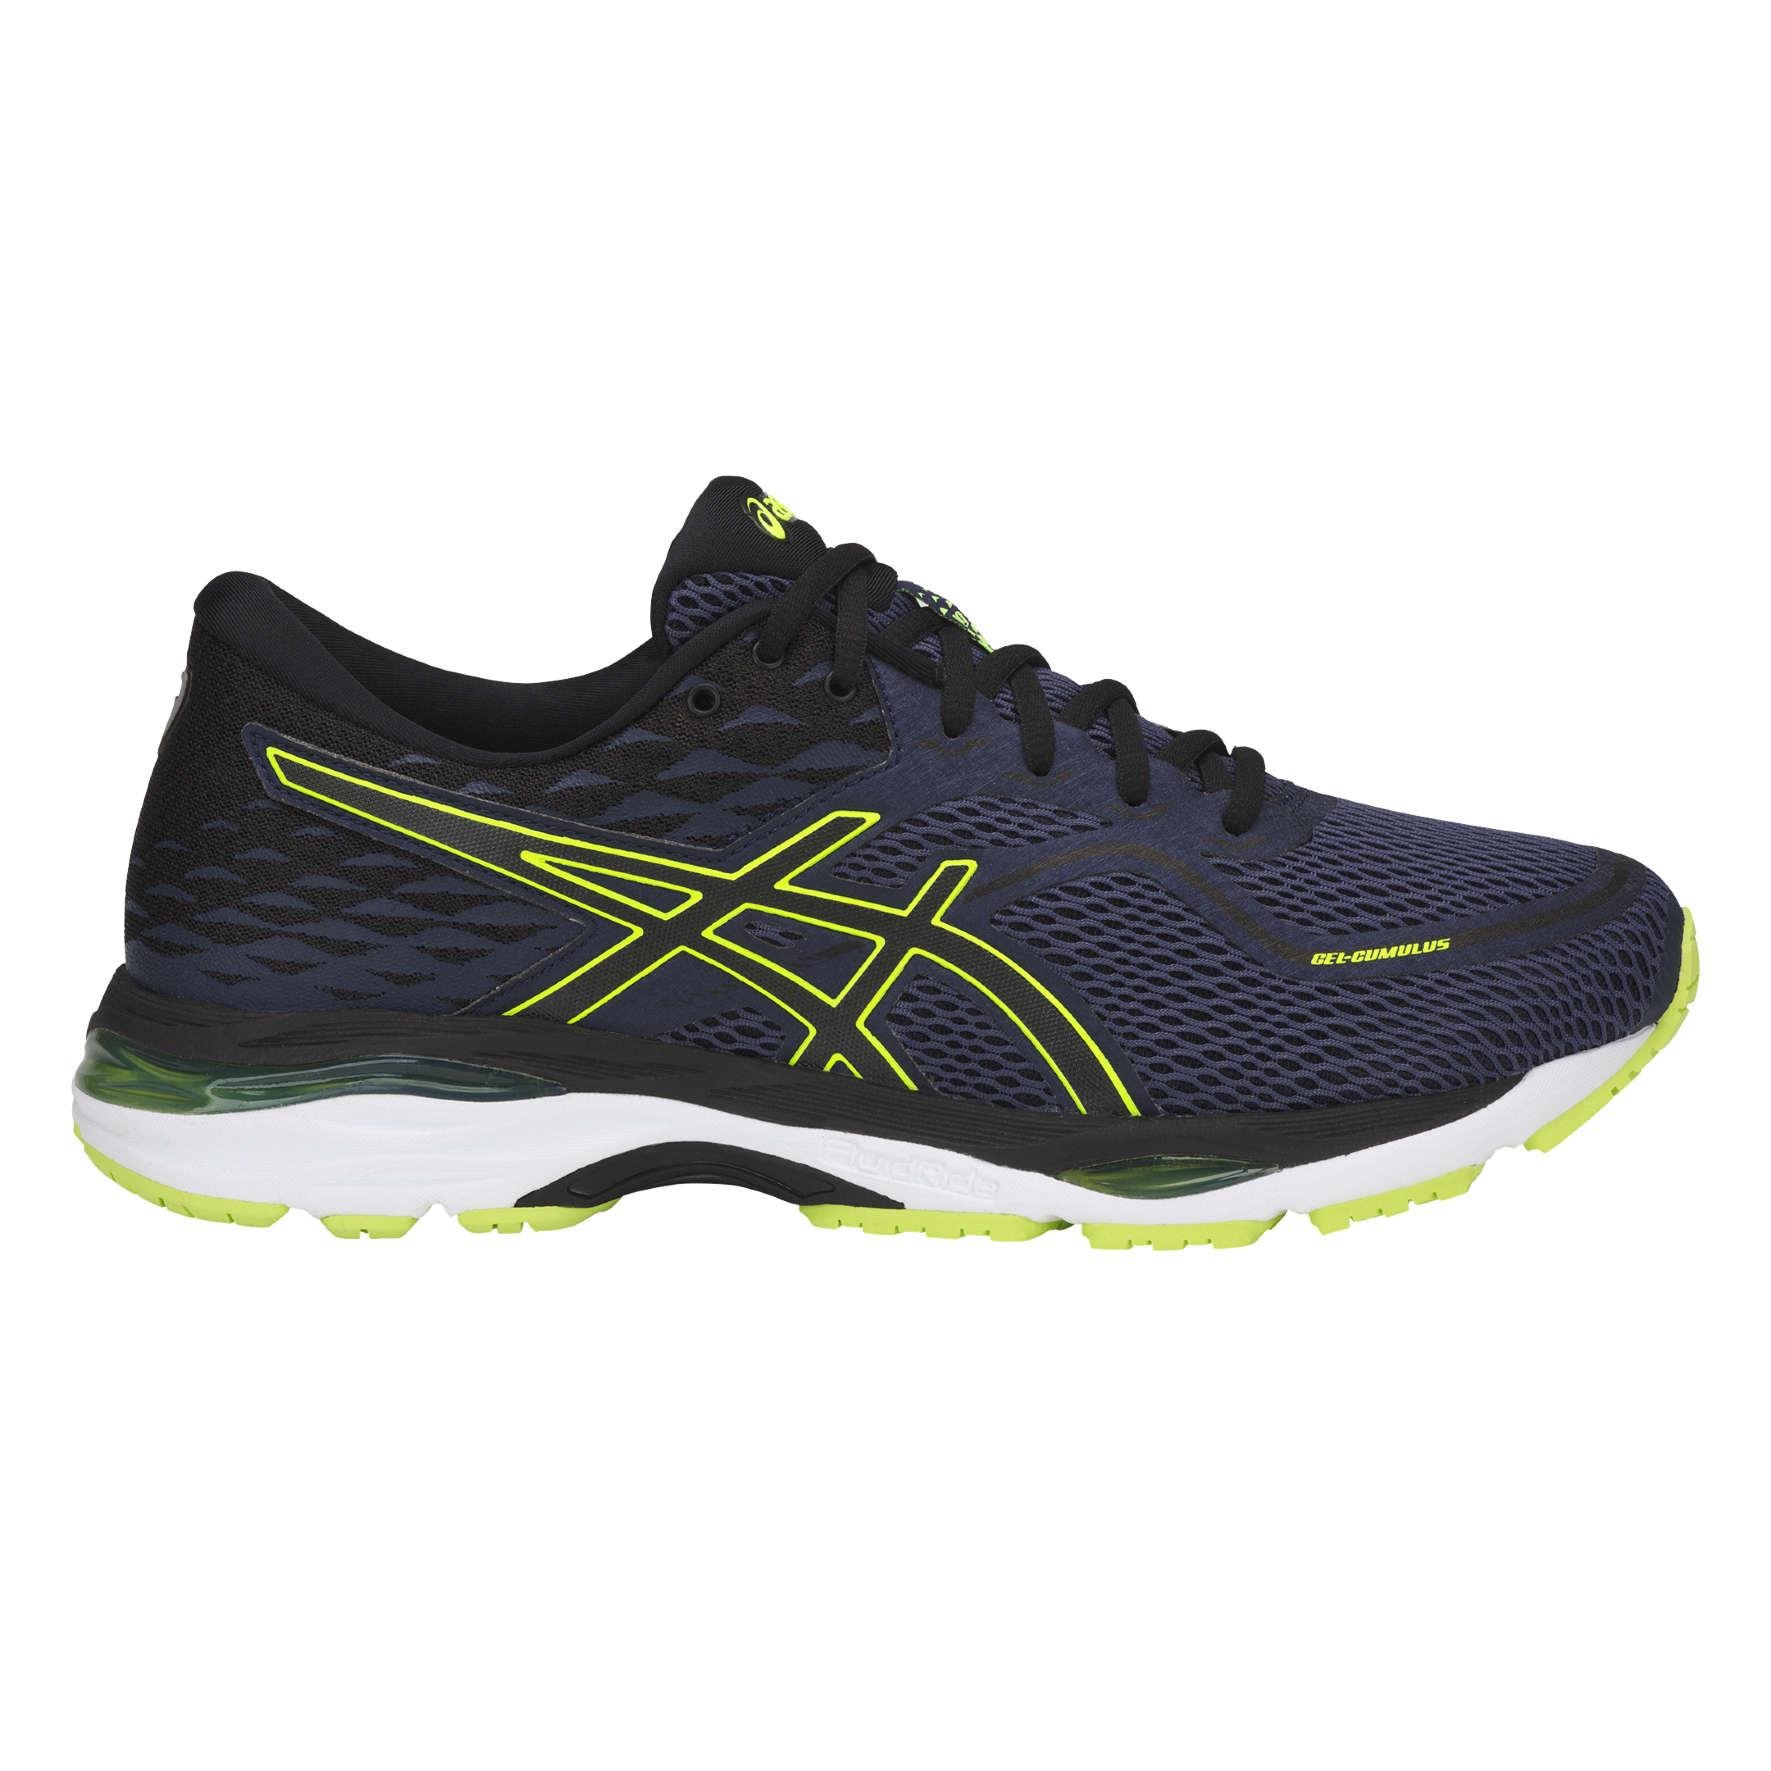 Running chaussures ASICS Titanium/Noir/Bleu zéro but lucratif